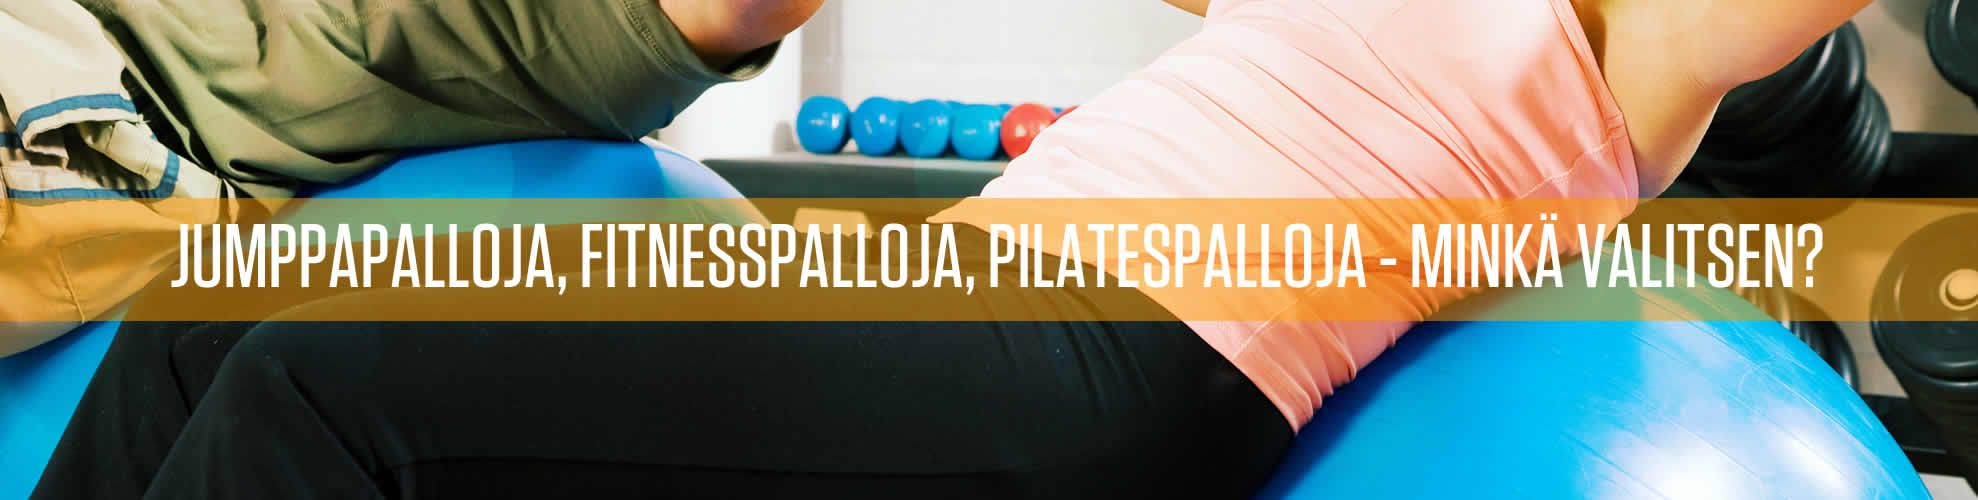 Jumppapalloja, fitnesspalloja, pilatespalloja - minkä valitsen?